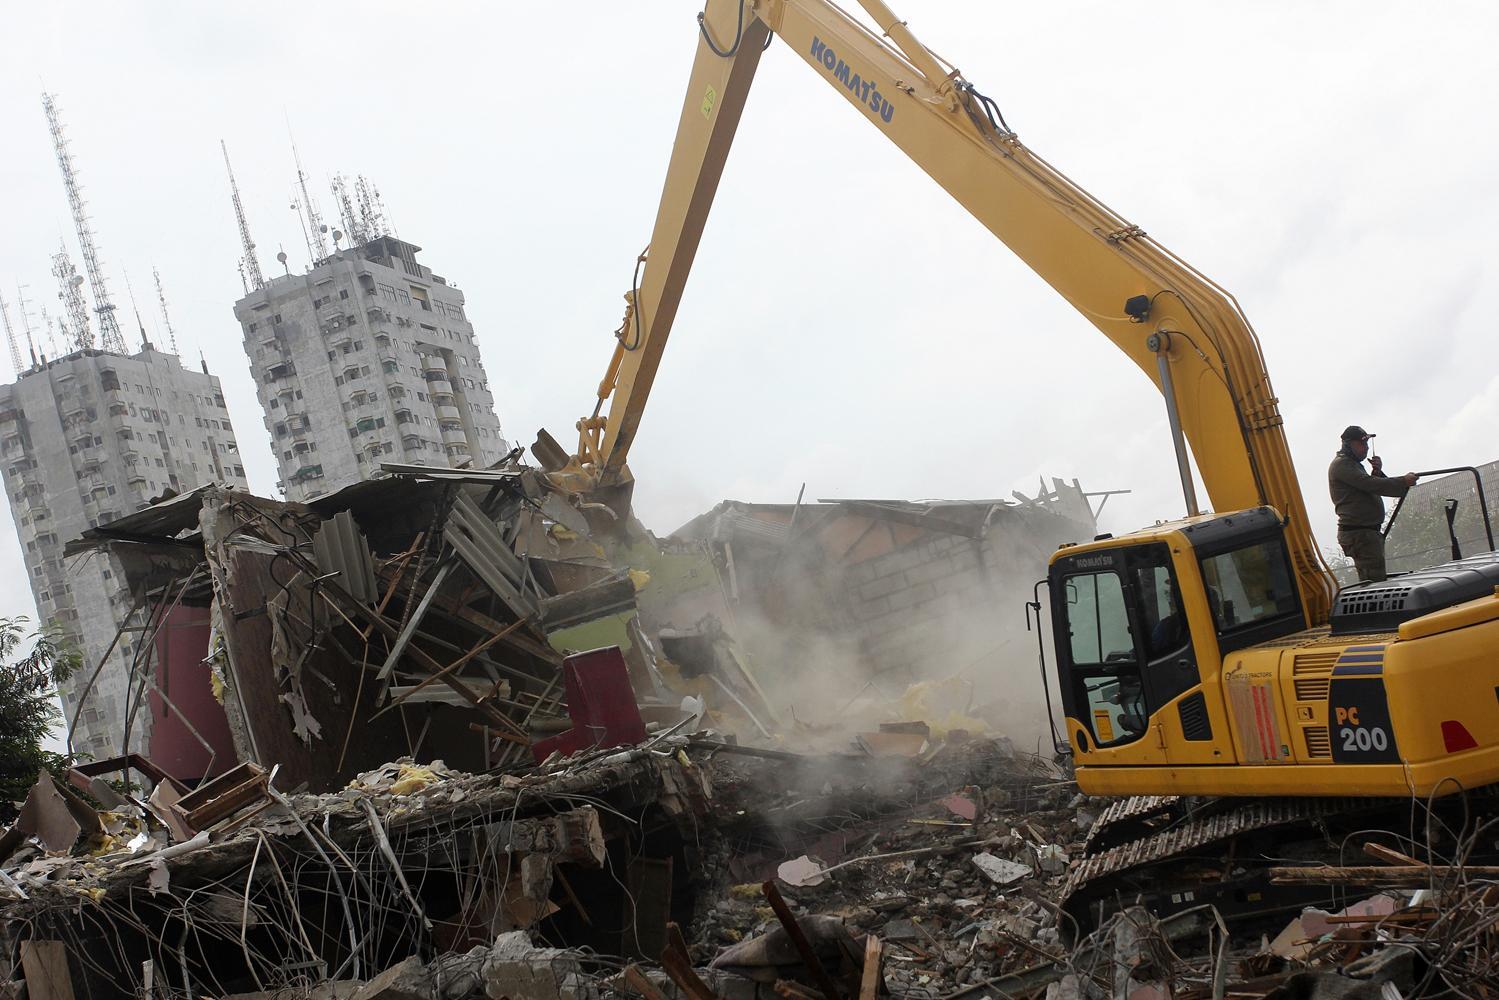 Petugas Satpol PP melakukan pembongkaran bangunan dengan menggunakan alat berat di kawasan Kalijodo, Jakarta, Senin (29/2). Pemprov DKI Jakarta membongkar ratusan bangunan di kawasan tersebut untuk dijadikan Ruang Terbuka Hijau (RTH).